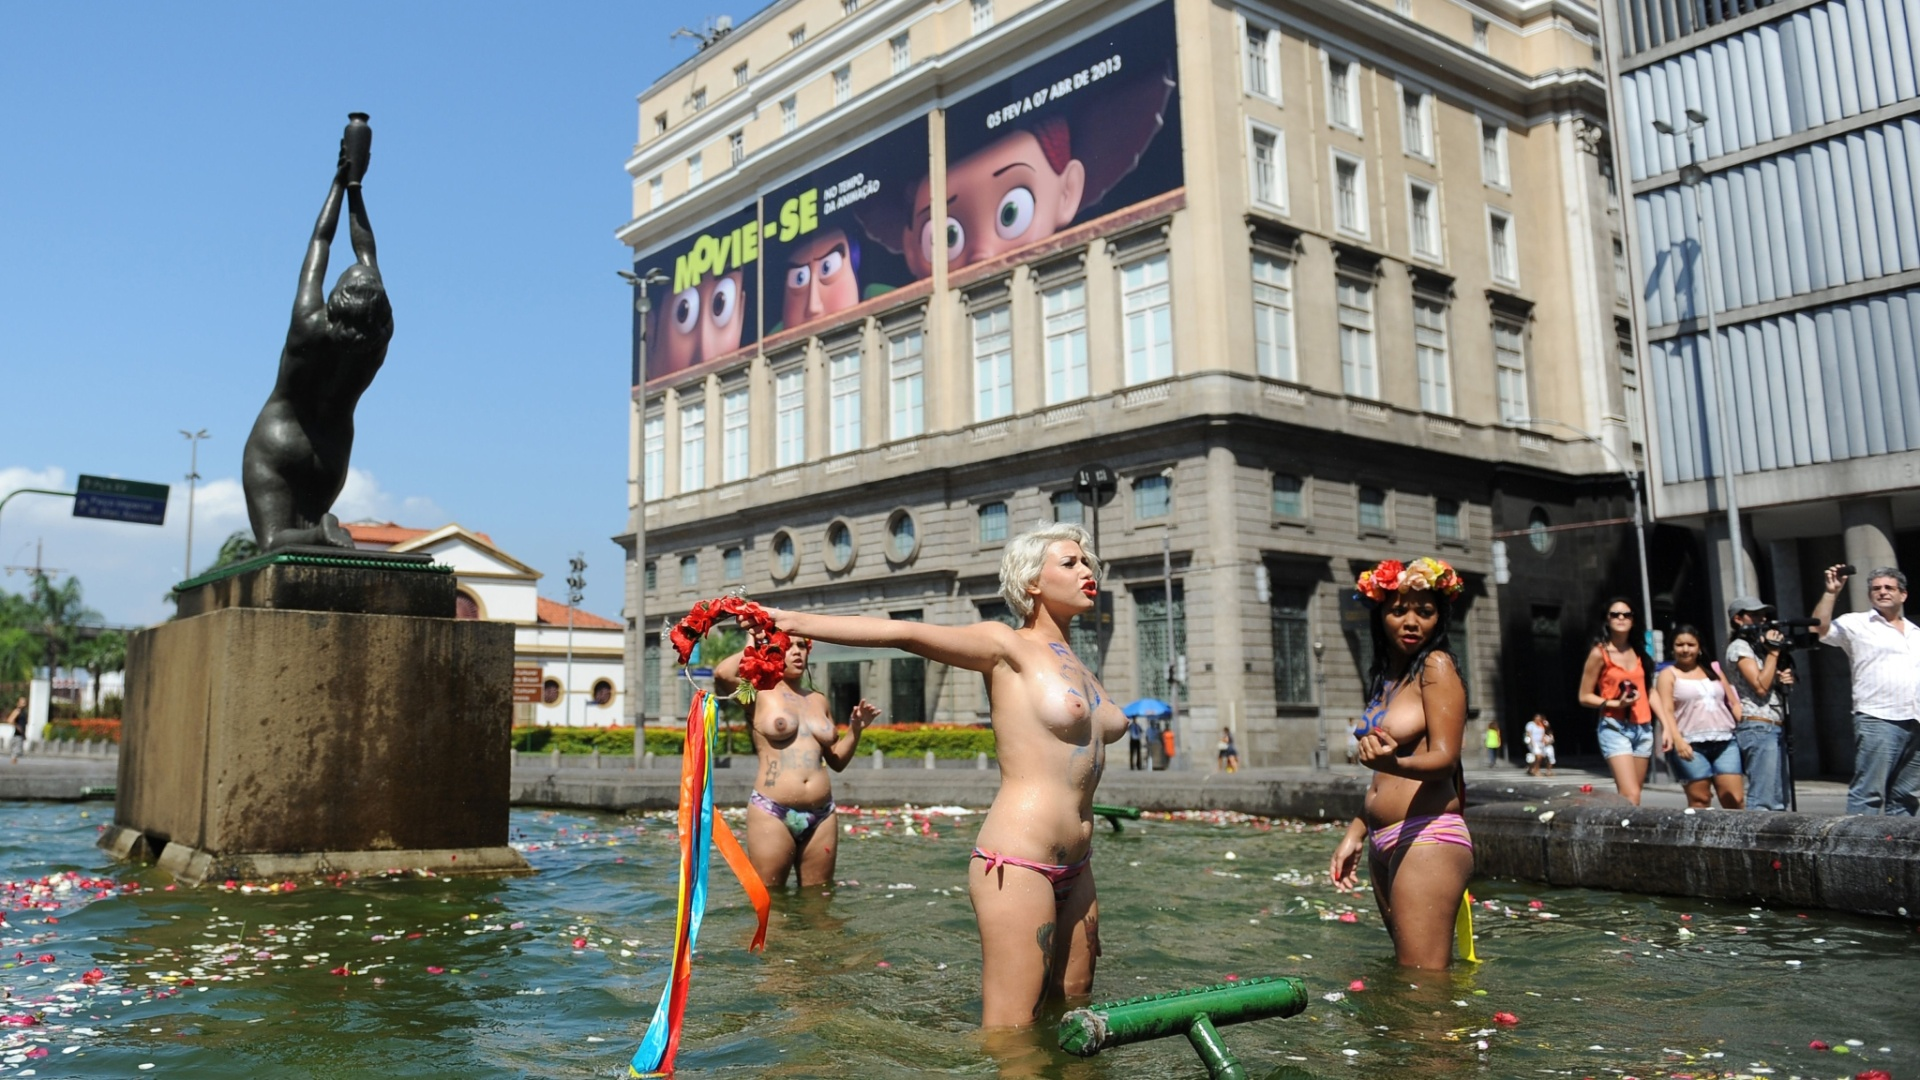 9.mar.2013 - Integrantes do grupo Femen fazem protesto neste sábado (9), em frente à igreja da Candelária, no centro do Rio de Janeiro, contra a homofobia. Nascido na Ucrânia, o Femen é uma organização que luta contra o turismo, exploração sexual de adultos e crianças e o sexismo